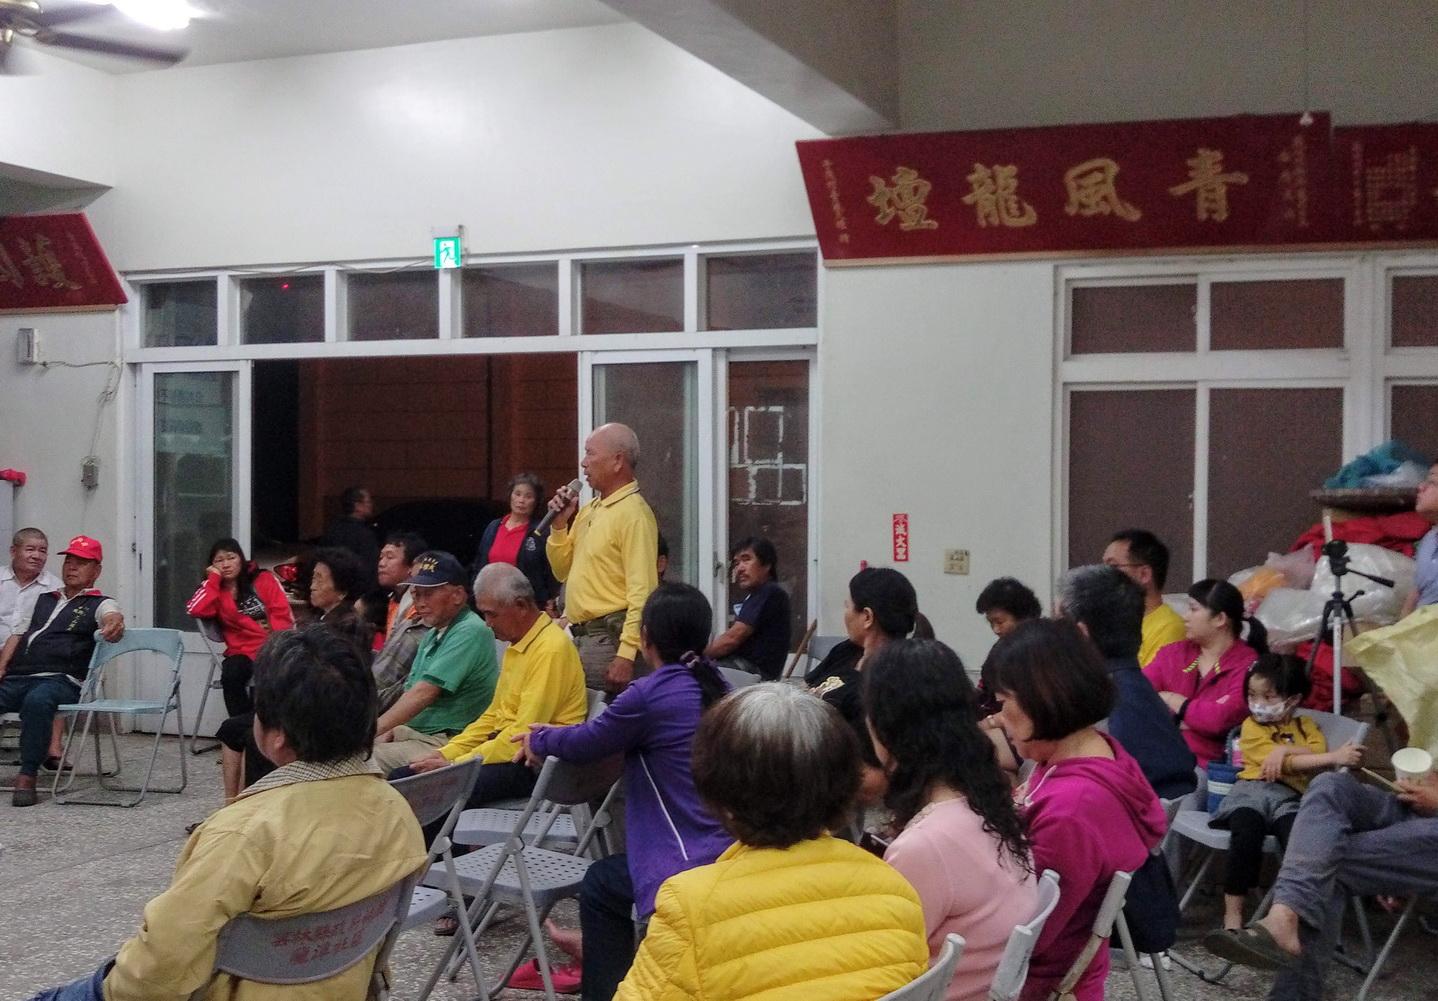 龍潭村長:參與式預算就是村民作伙當村長